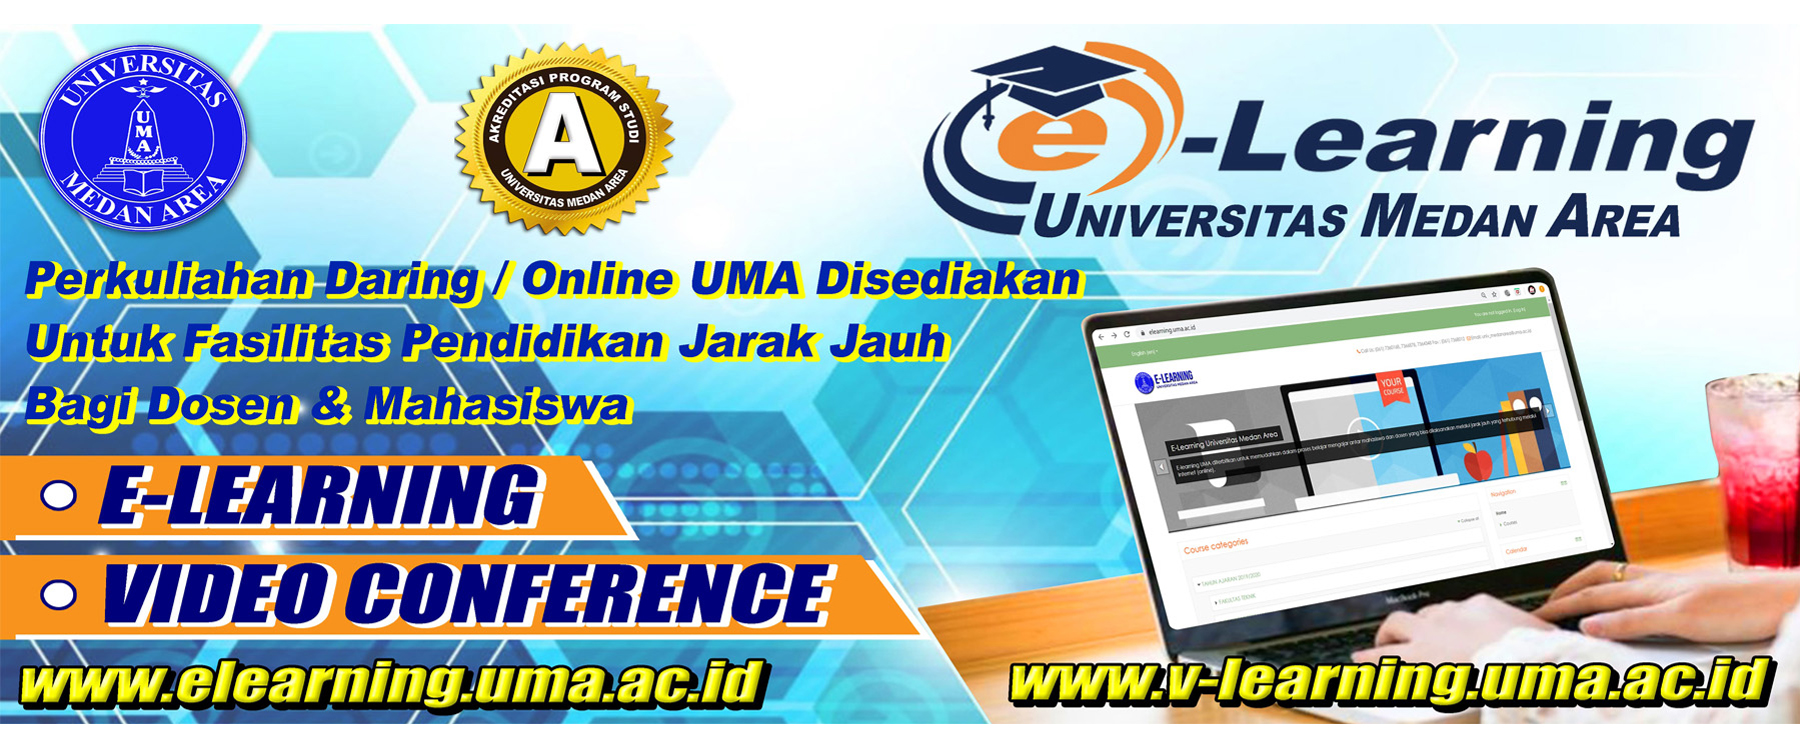 E-Learning UMA